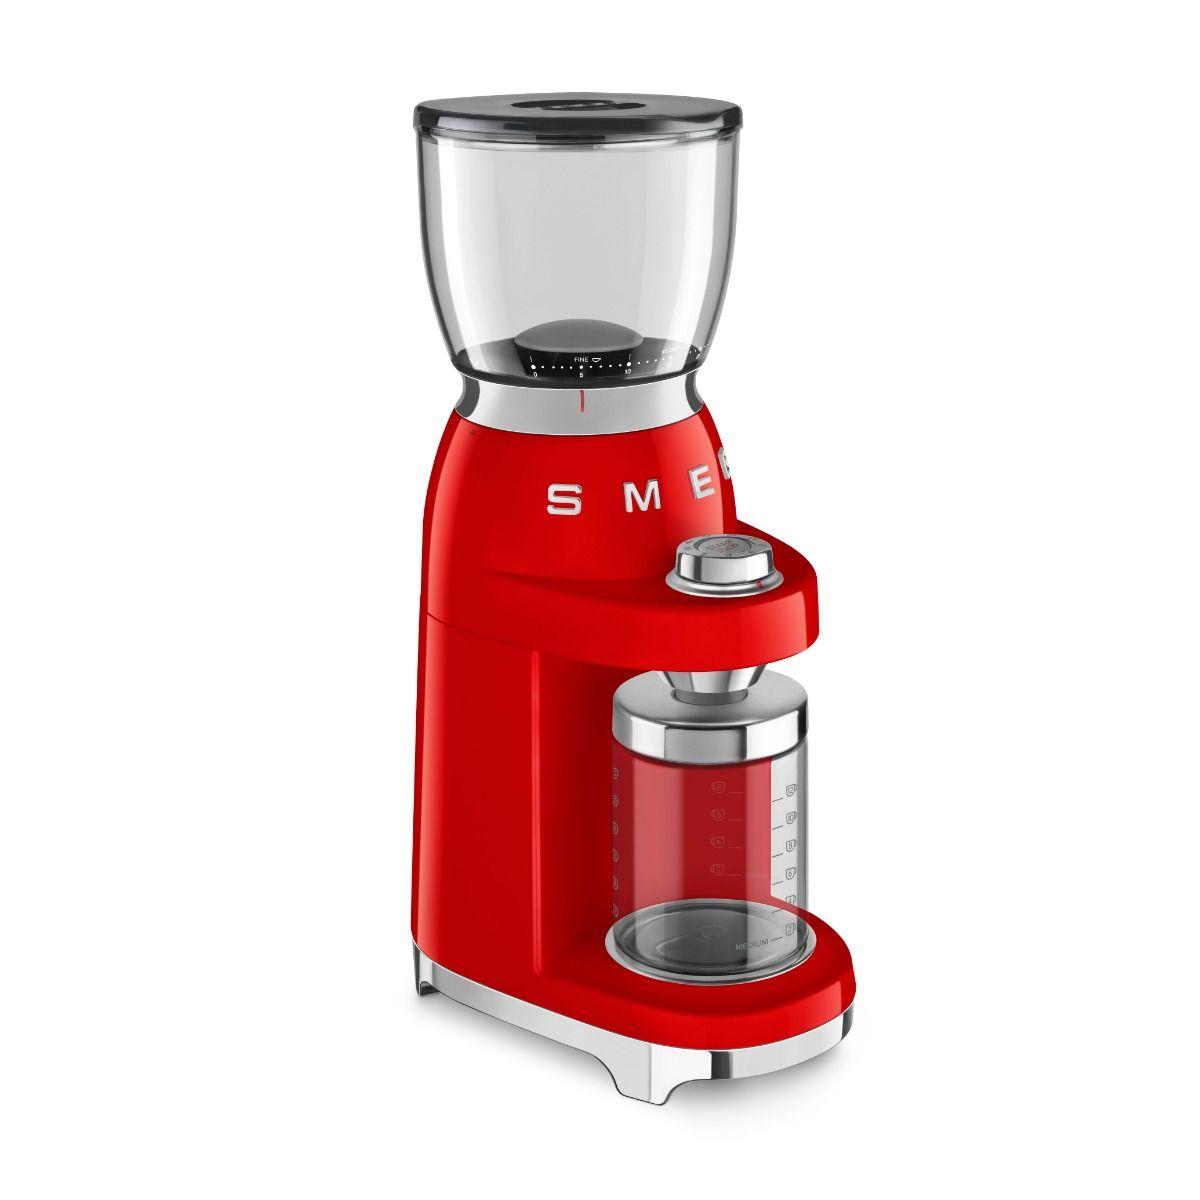 Coffee Grinder Red